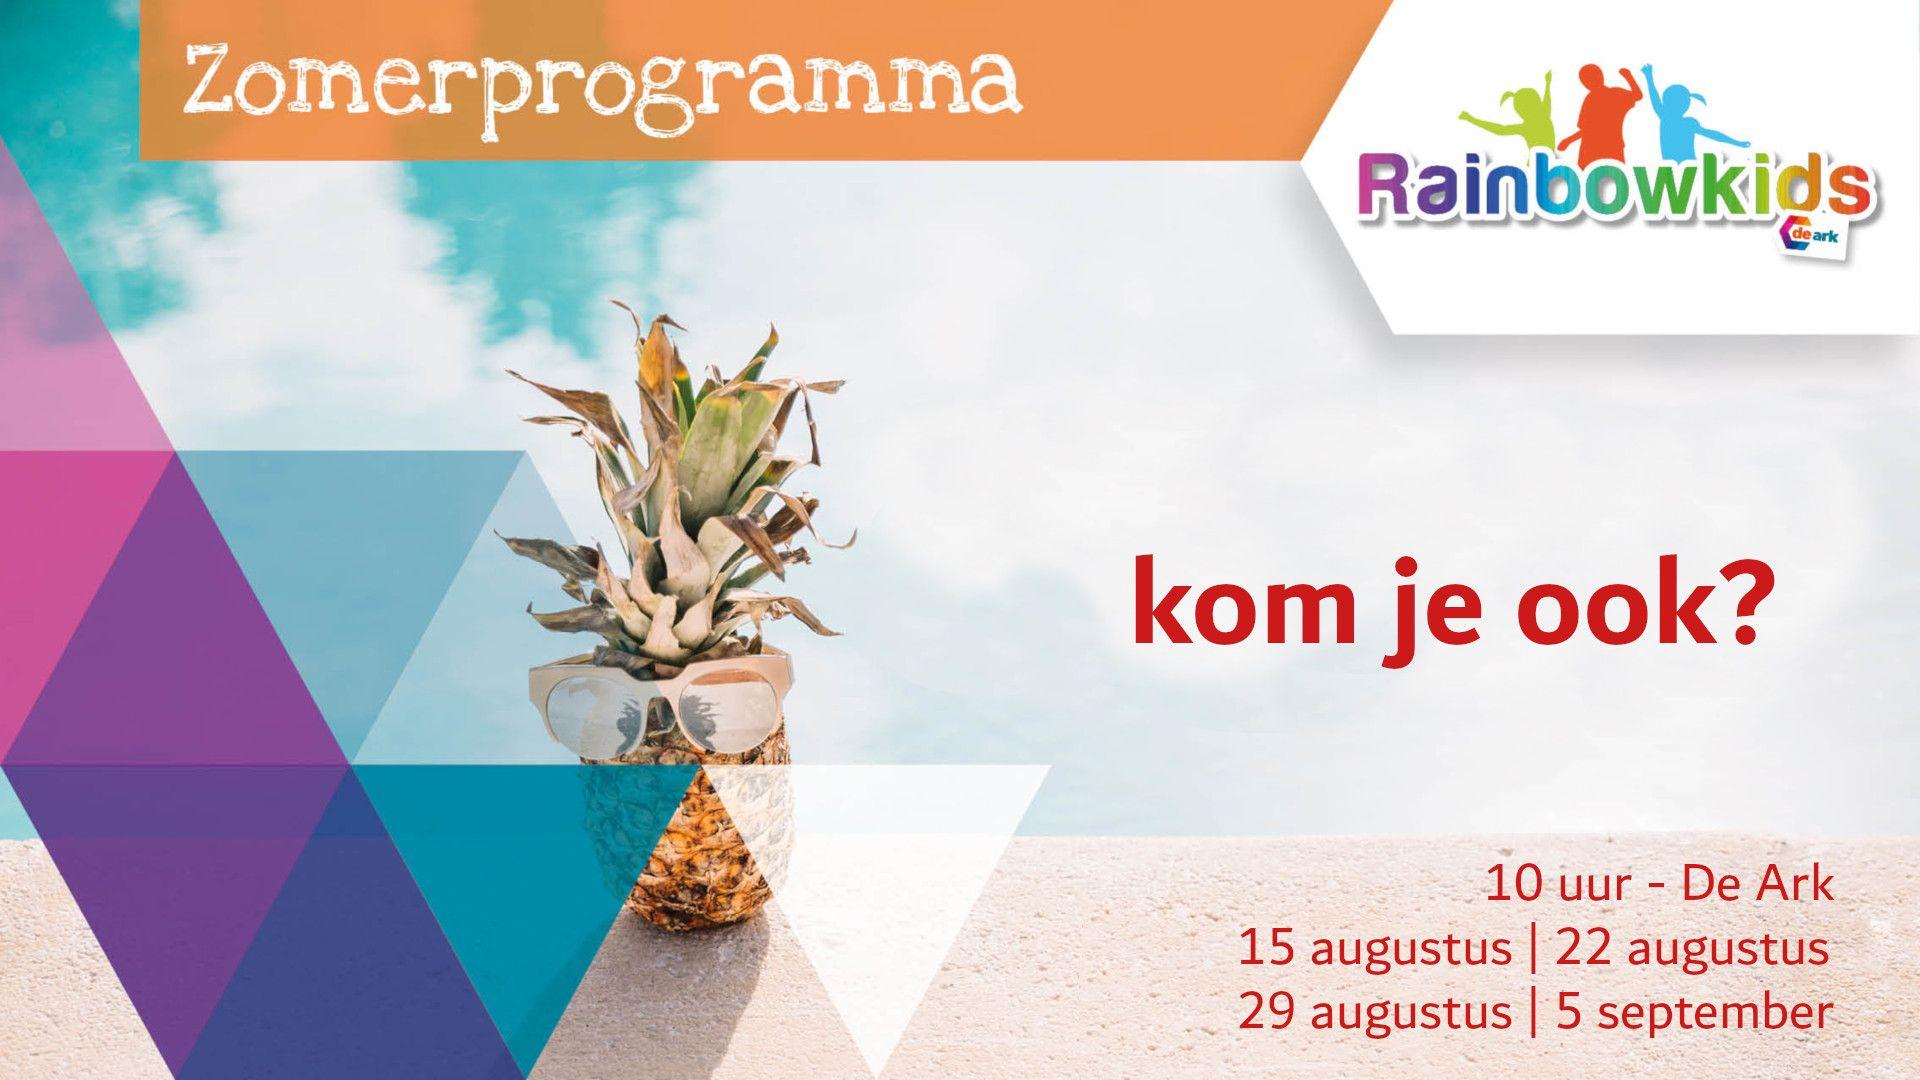 Rainbowkids zomerprogramma